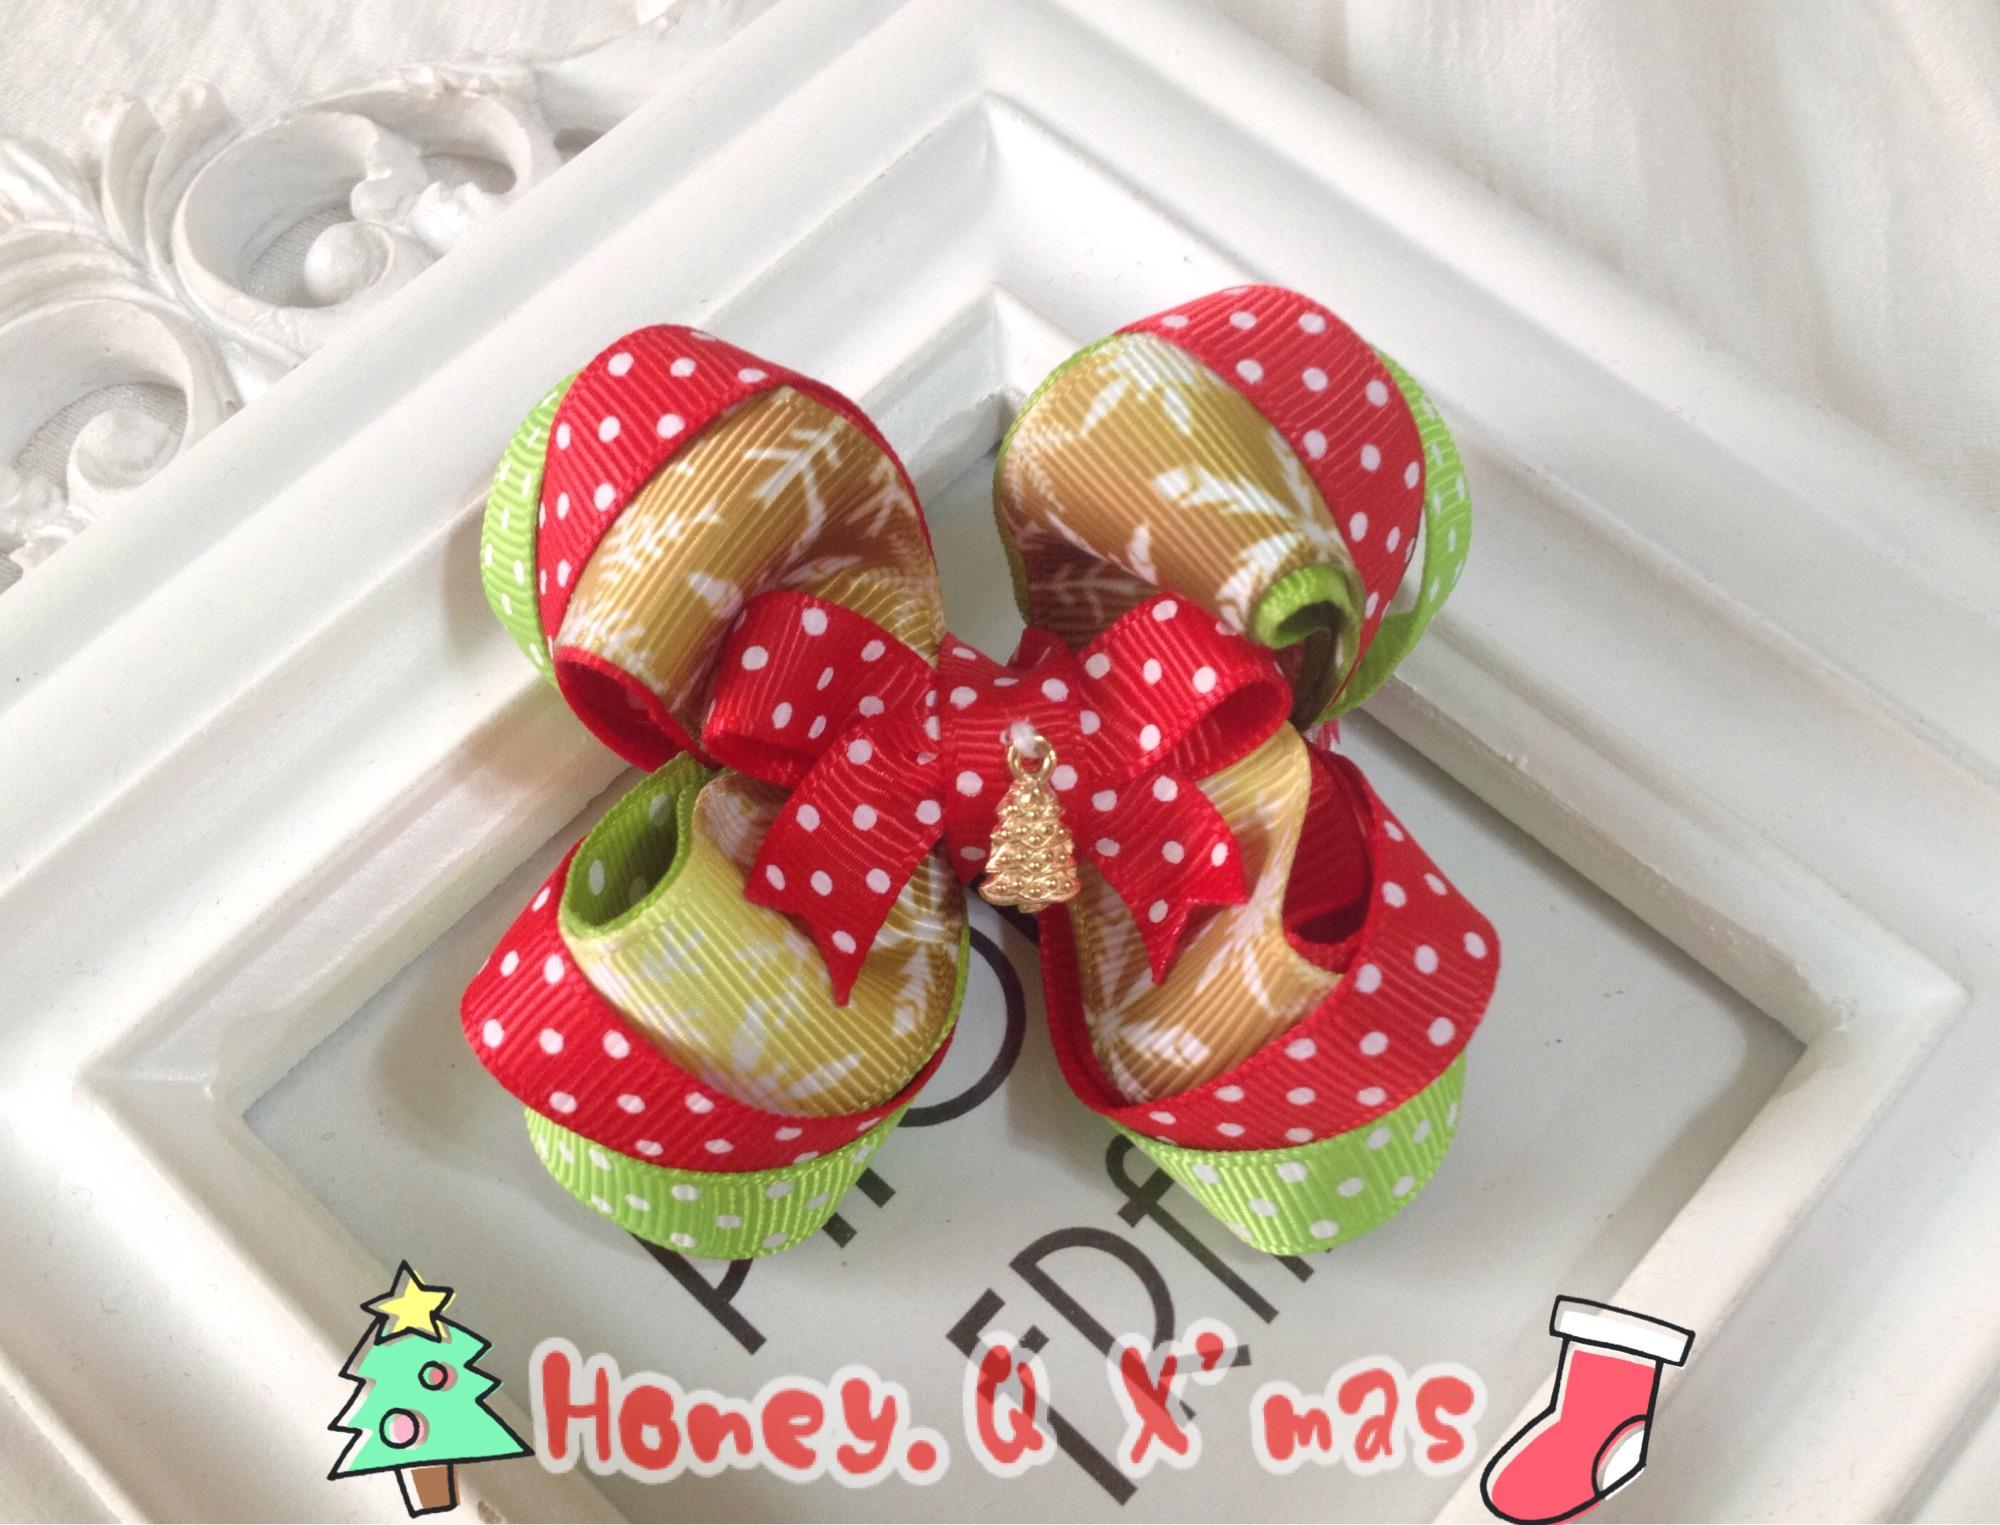 Honey Q-金色聖誕樹幸運雪花蝴蝶結.髮夾 / 髮圈 / 髮箍 / 髮帶**收單至12/15**